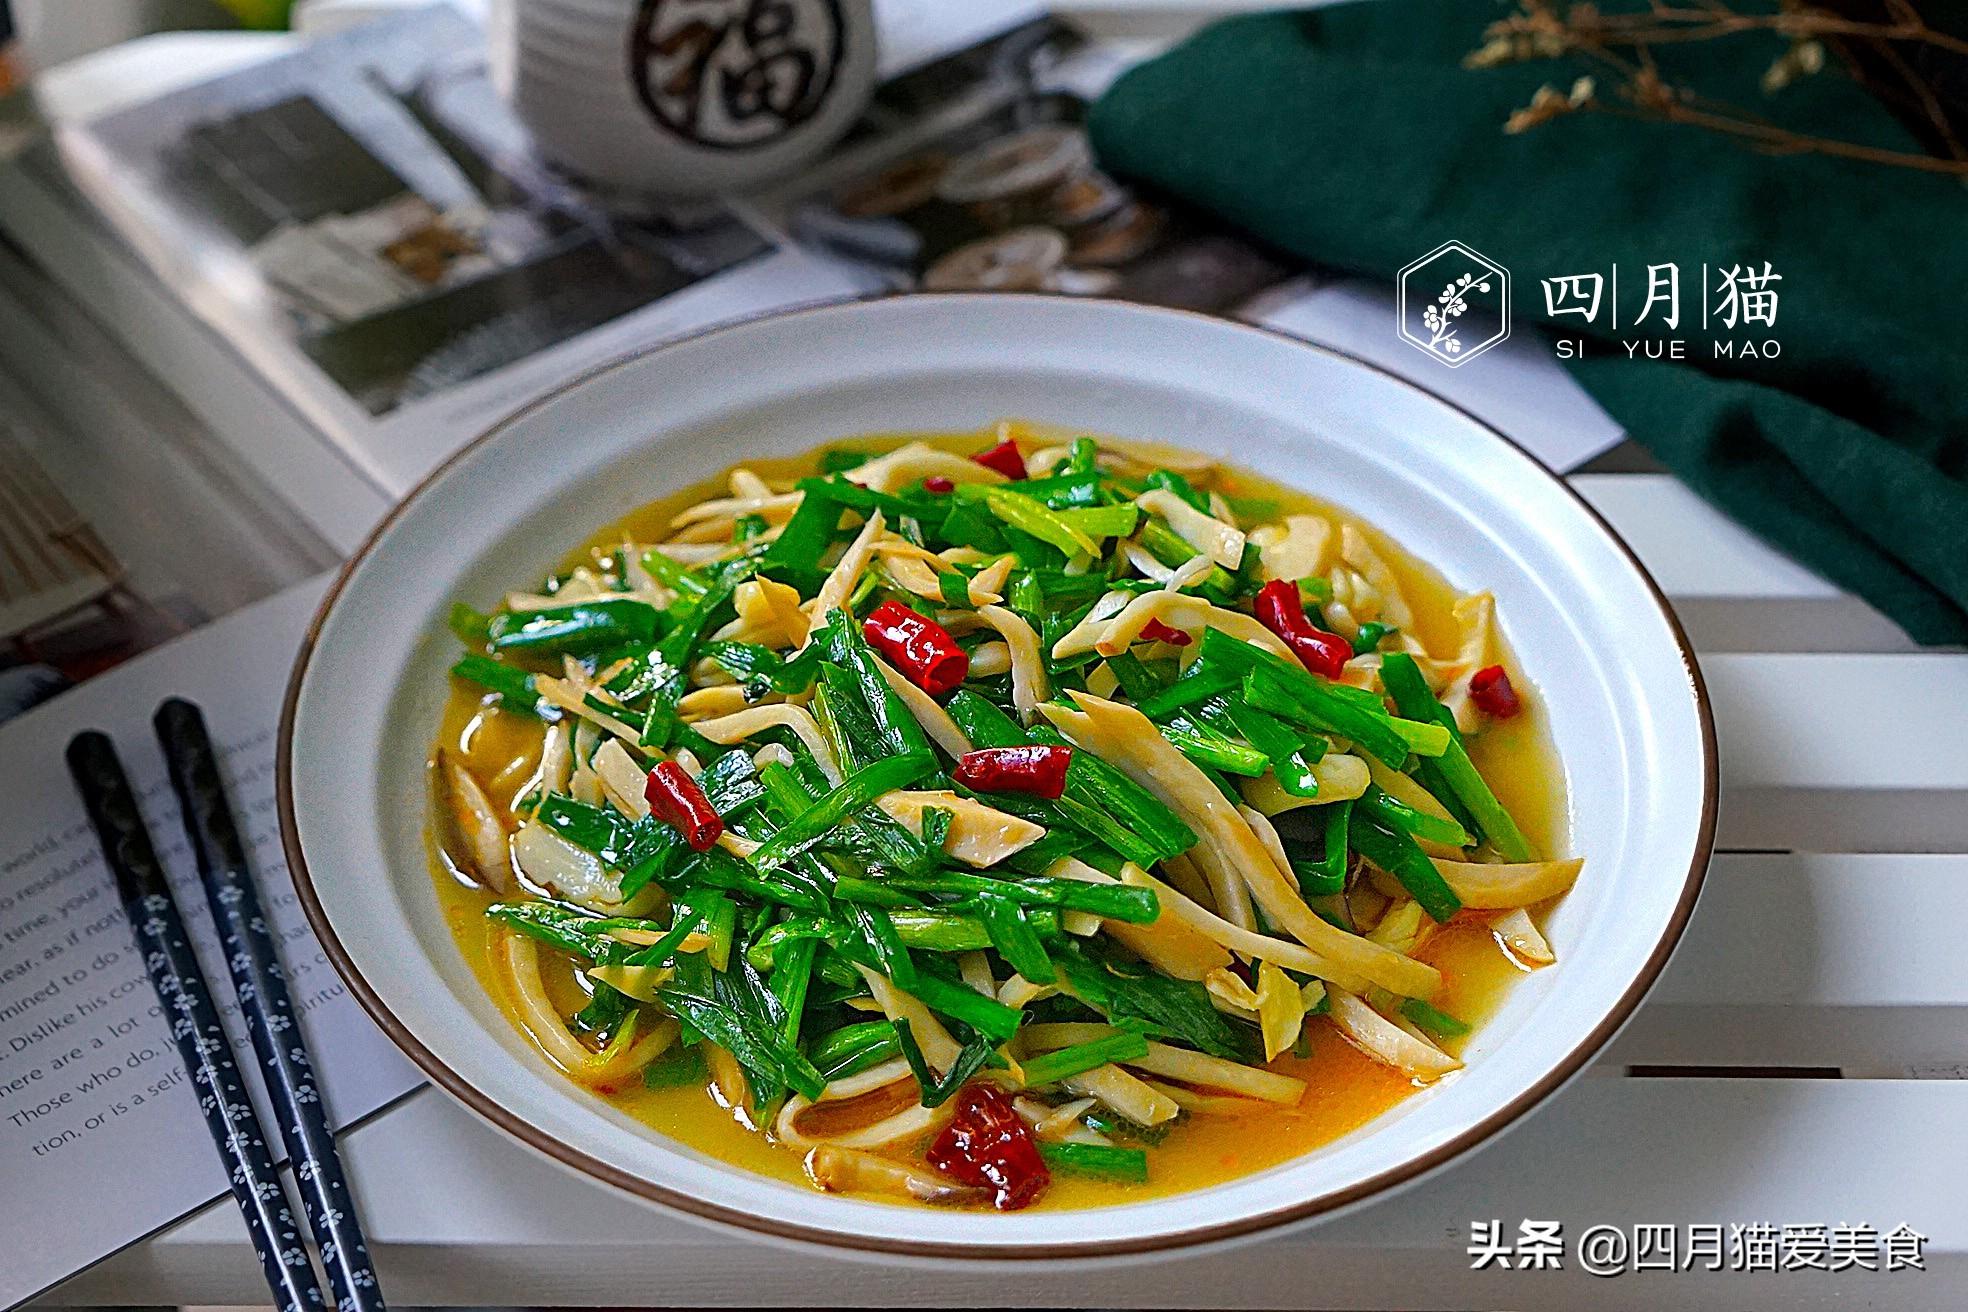 杏鲍菇和韭菜炒,太好吃了,营养又鲜香,冬天我家就爱这么吃